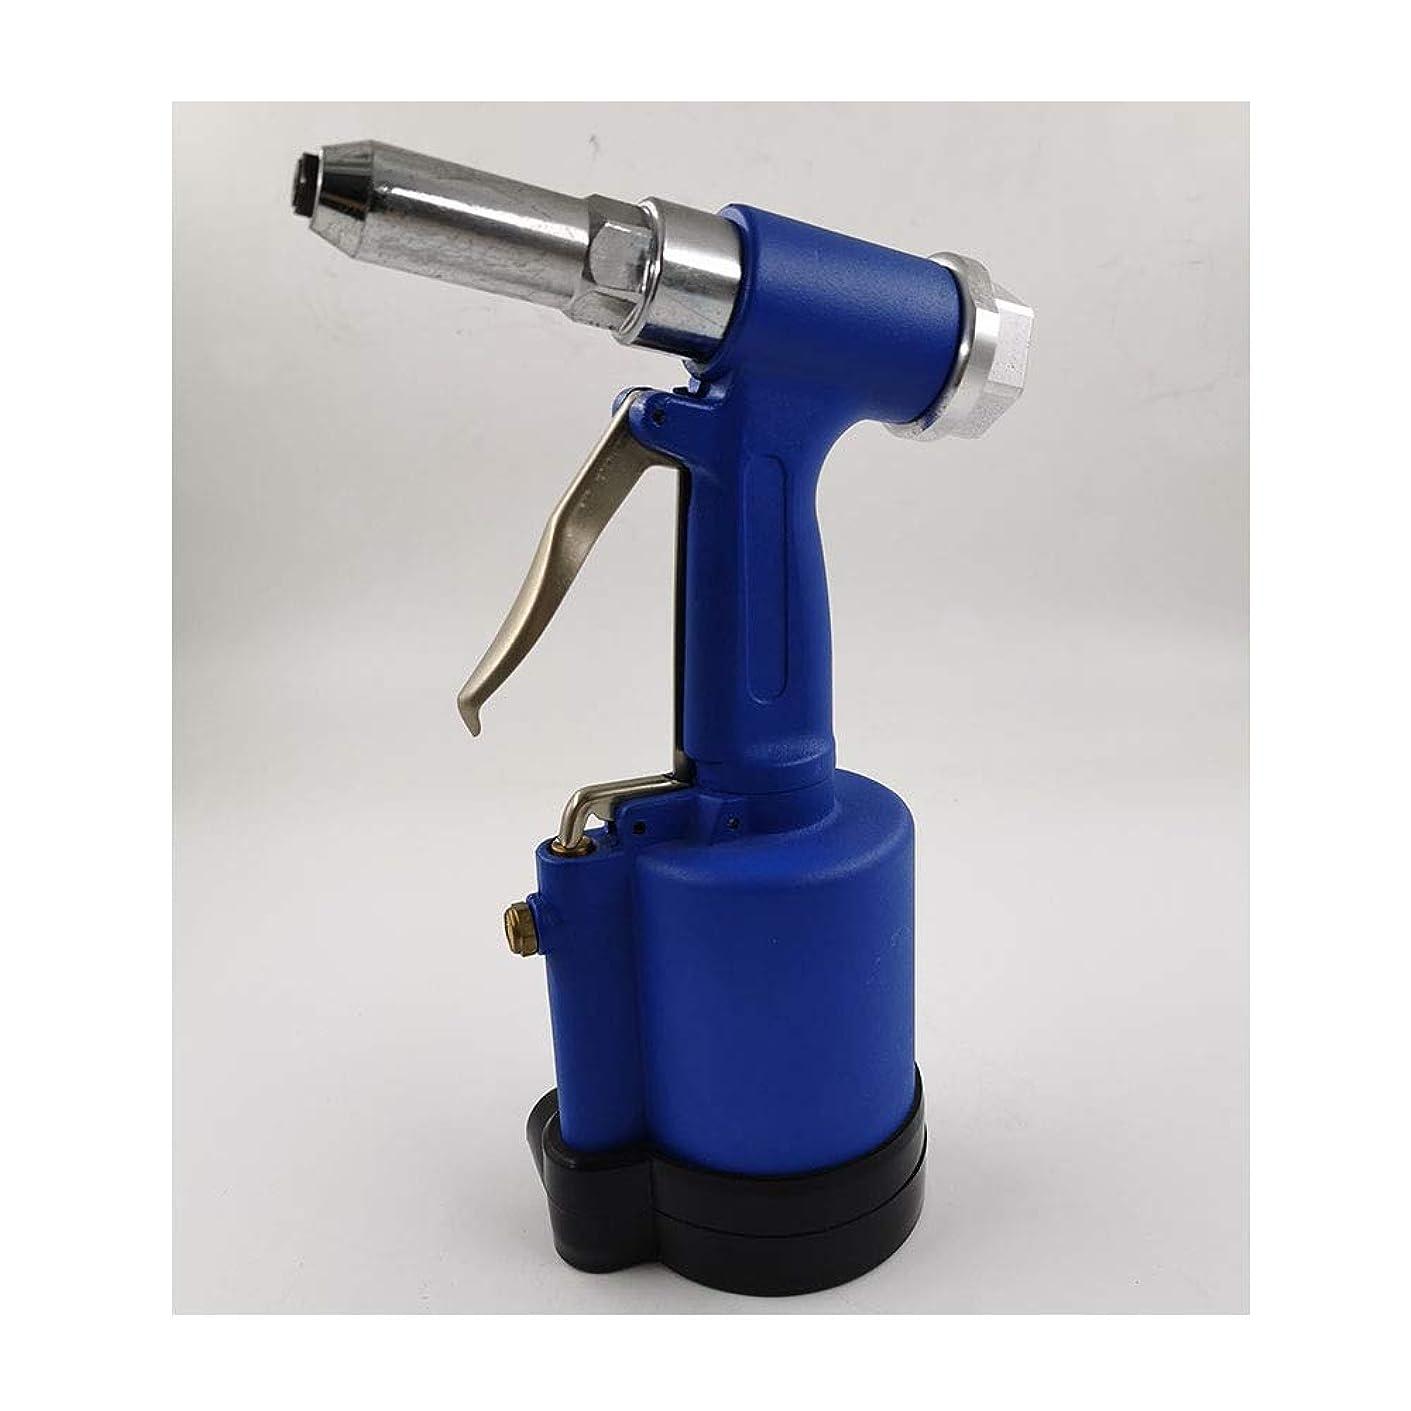 クマノミ眉をひそめる不健全エア工具 空気圧リベットガン垂直、省力化産業グレードハンドツール ハンドツール (Color : Blue)